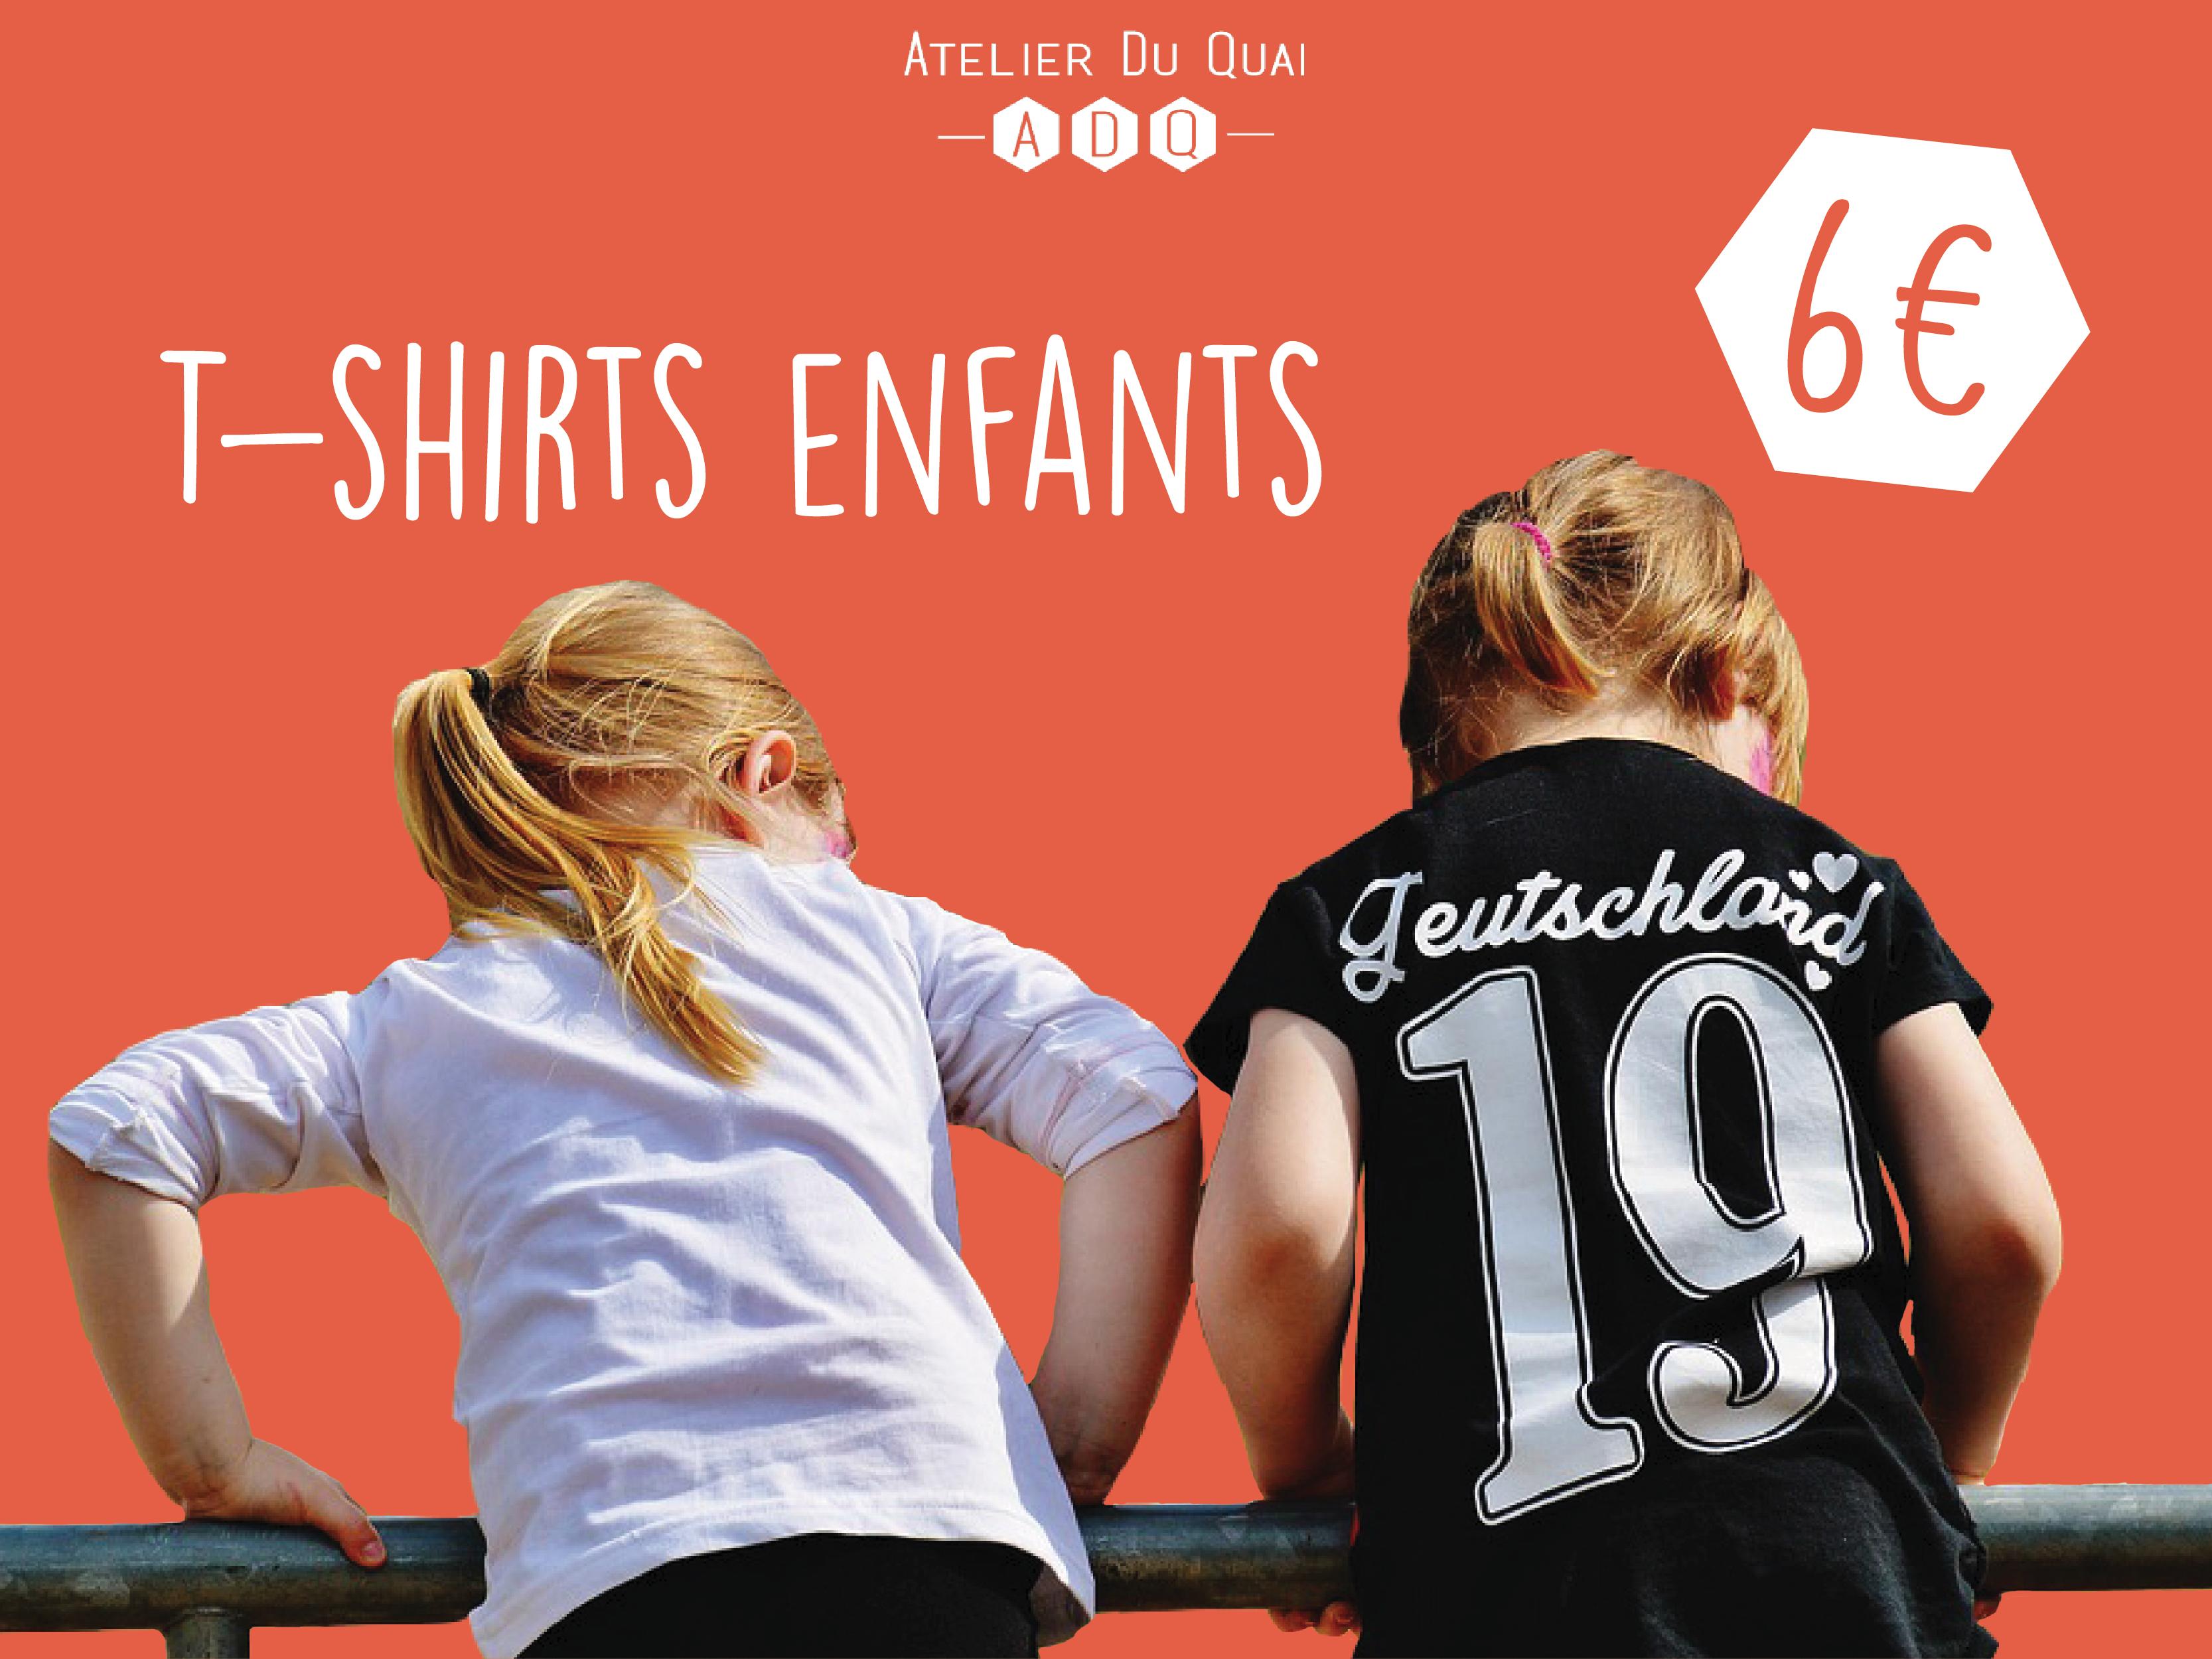 T-shirts enfants - Atelier du Quai